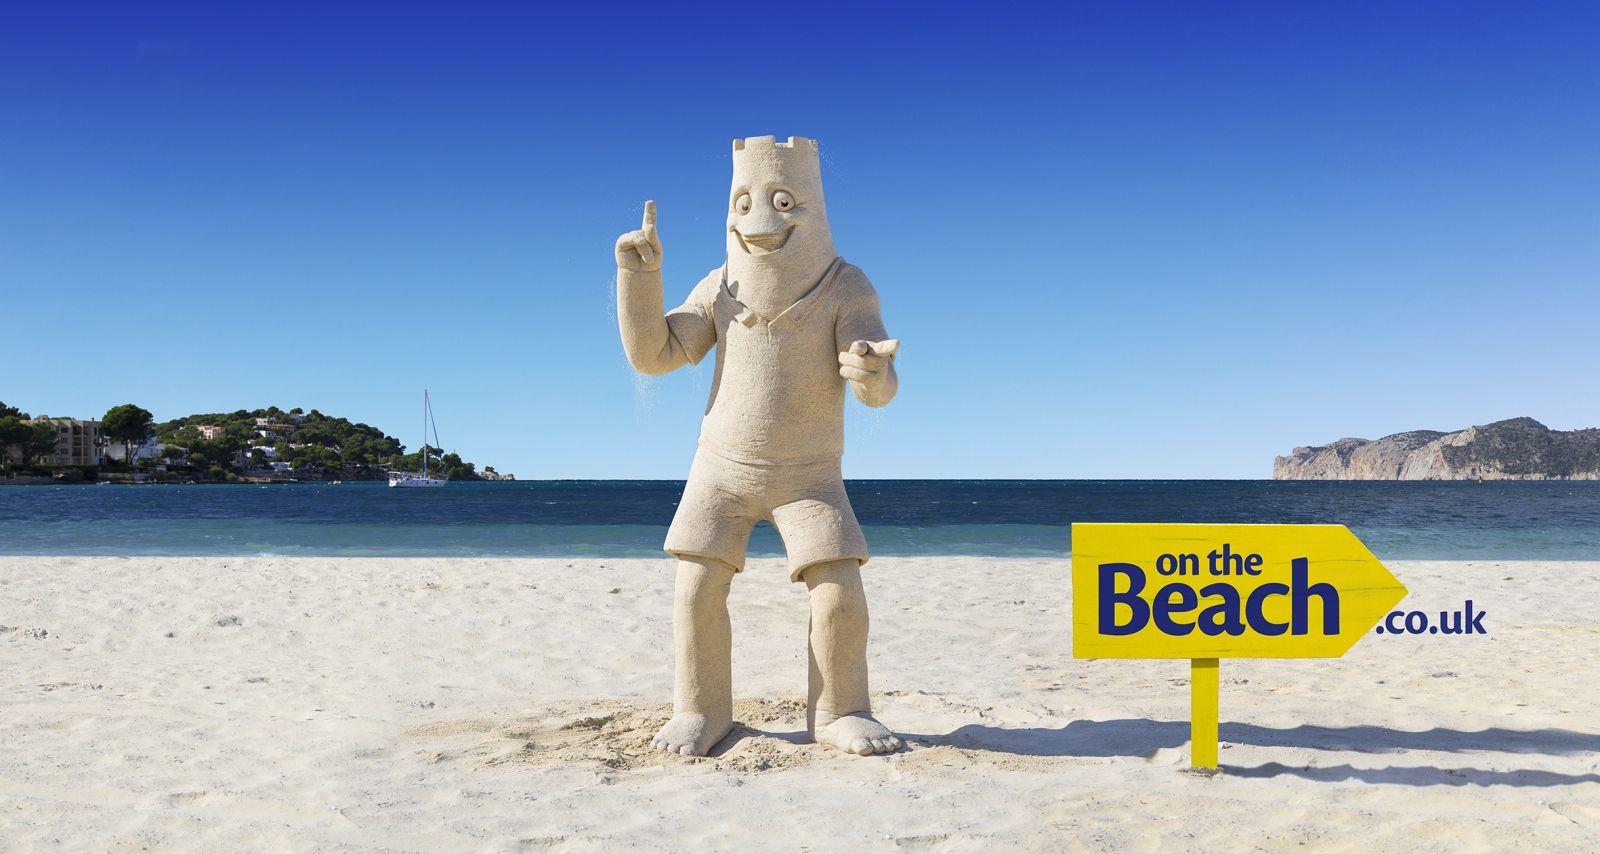 On The Beach Discount code at Dealvoucherz